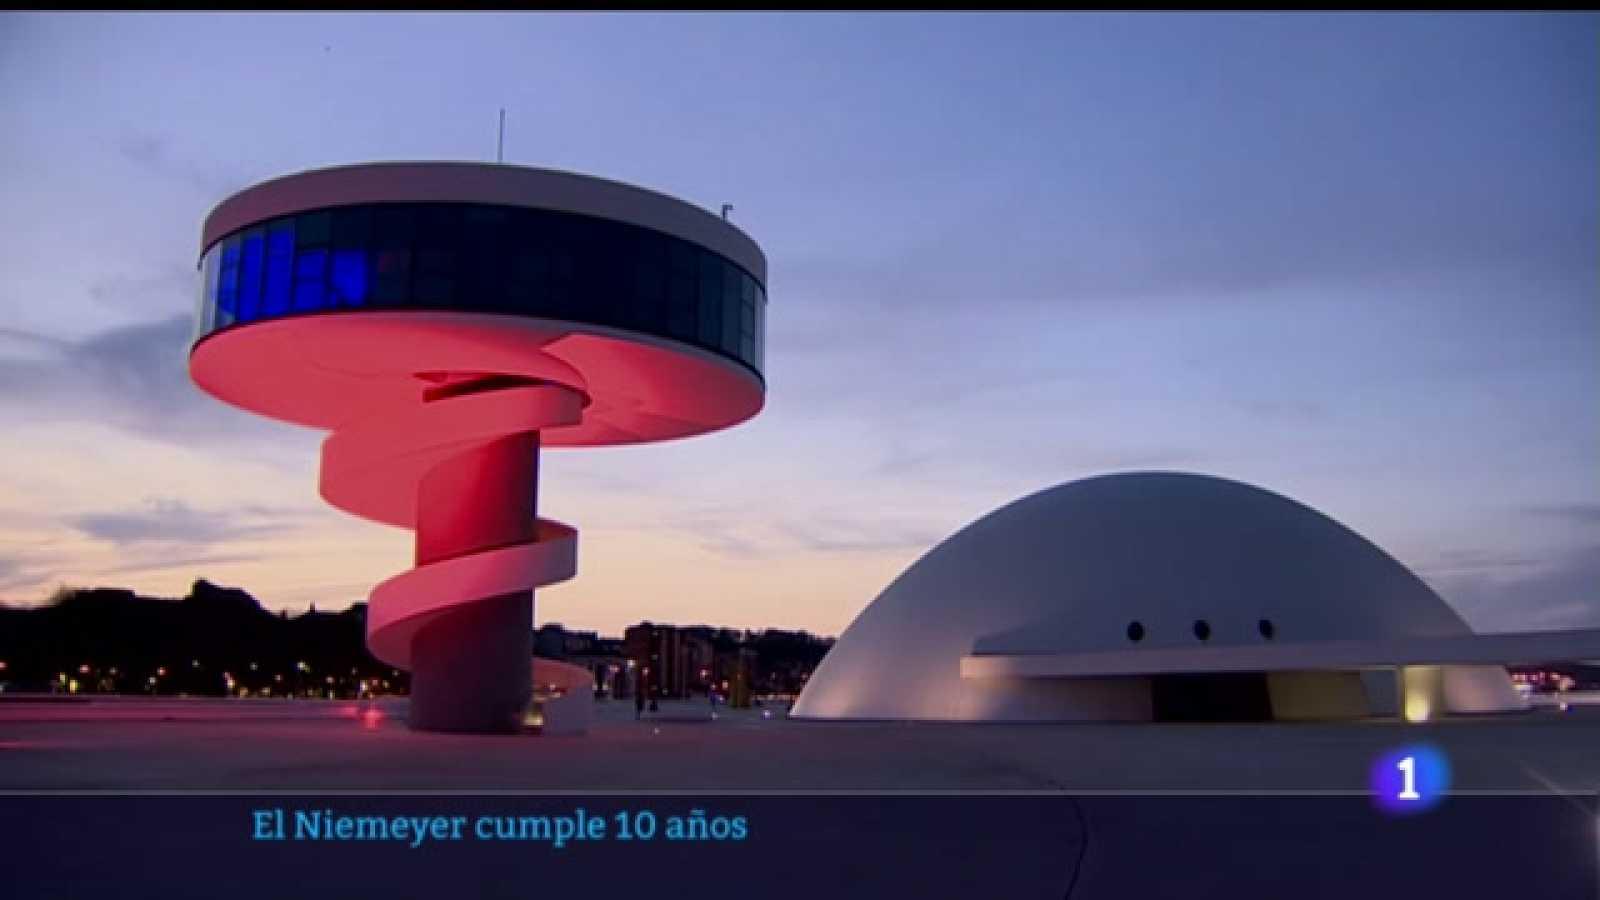 Oscar Niemeyer calificó el Centro Cultural de Aviles como la obra más importante fuera de Brasil